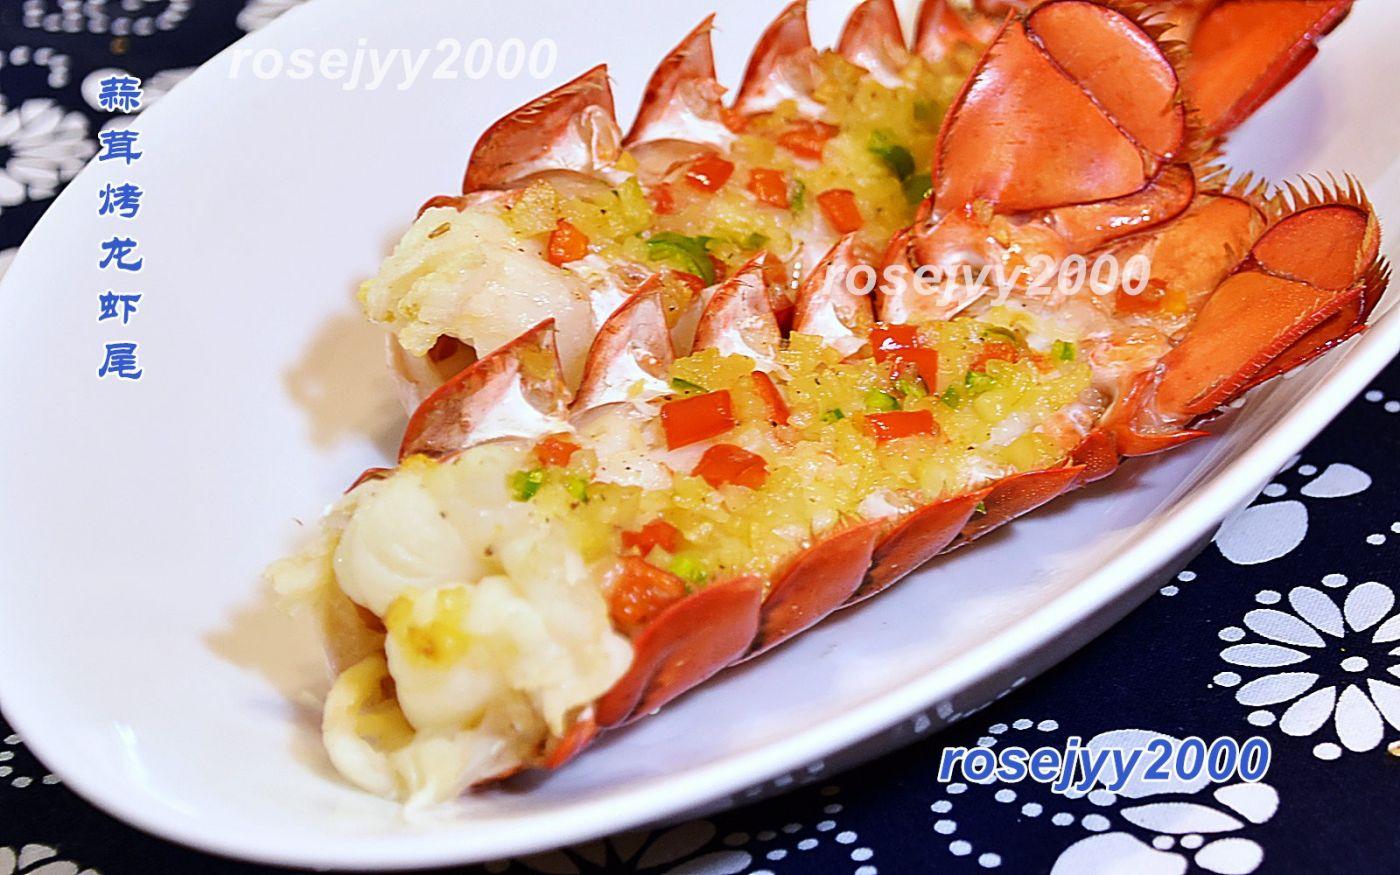 蒜茸焗龙虾尾_图1-4